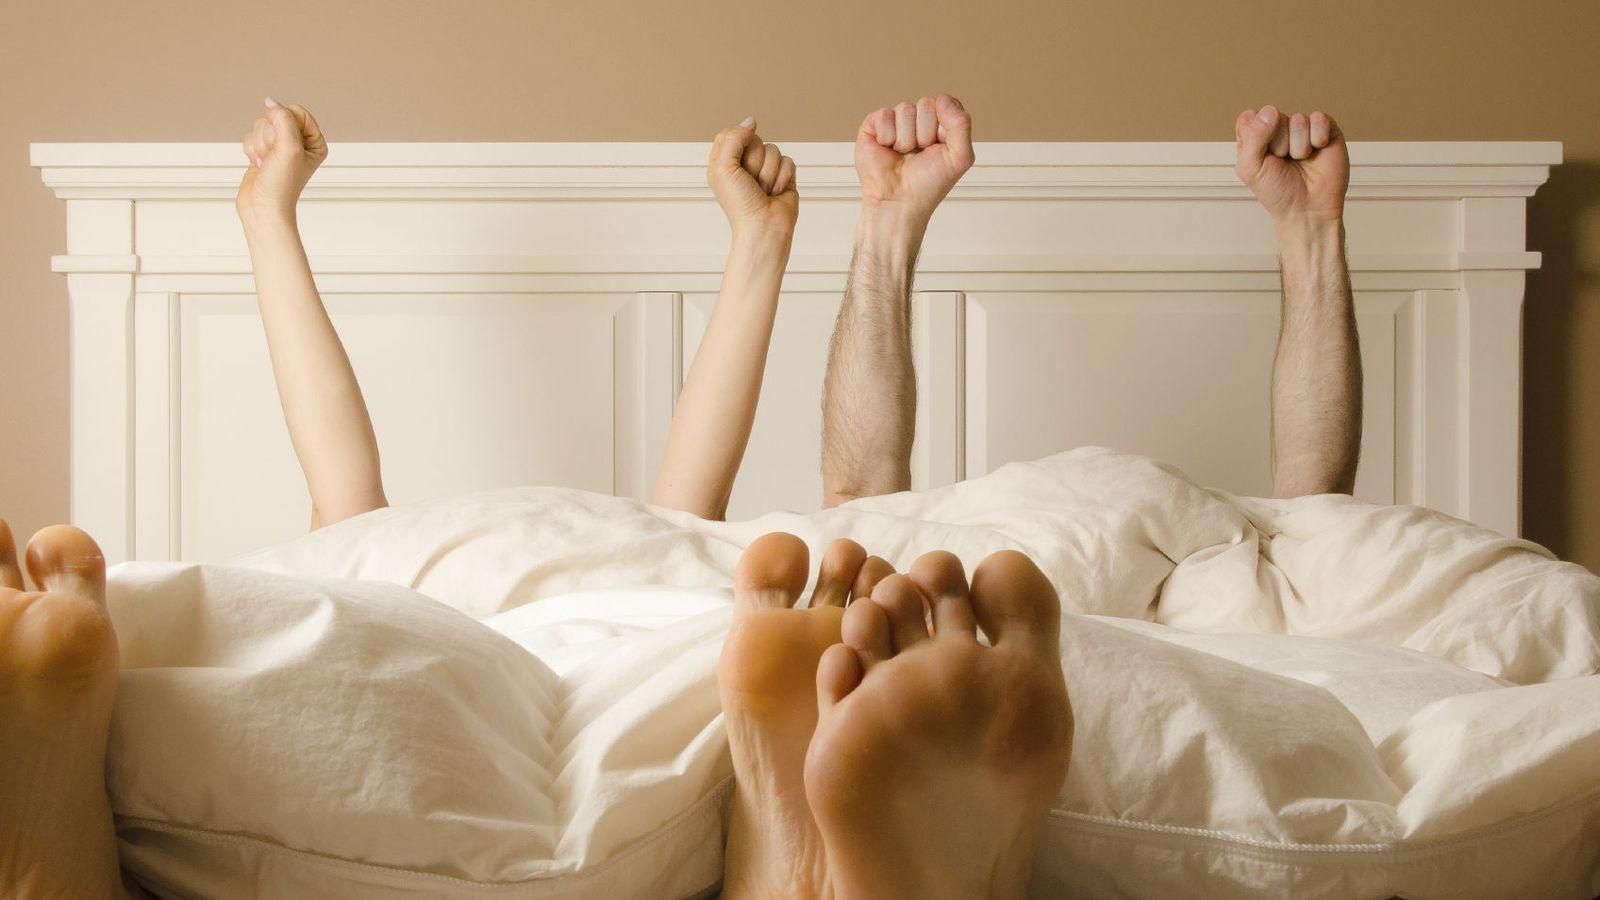 Sexualidad Innova En La Cama O Donde Surja 14 Trucos Para